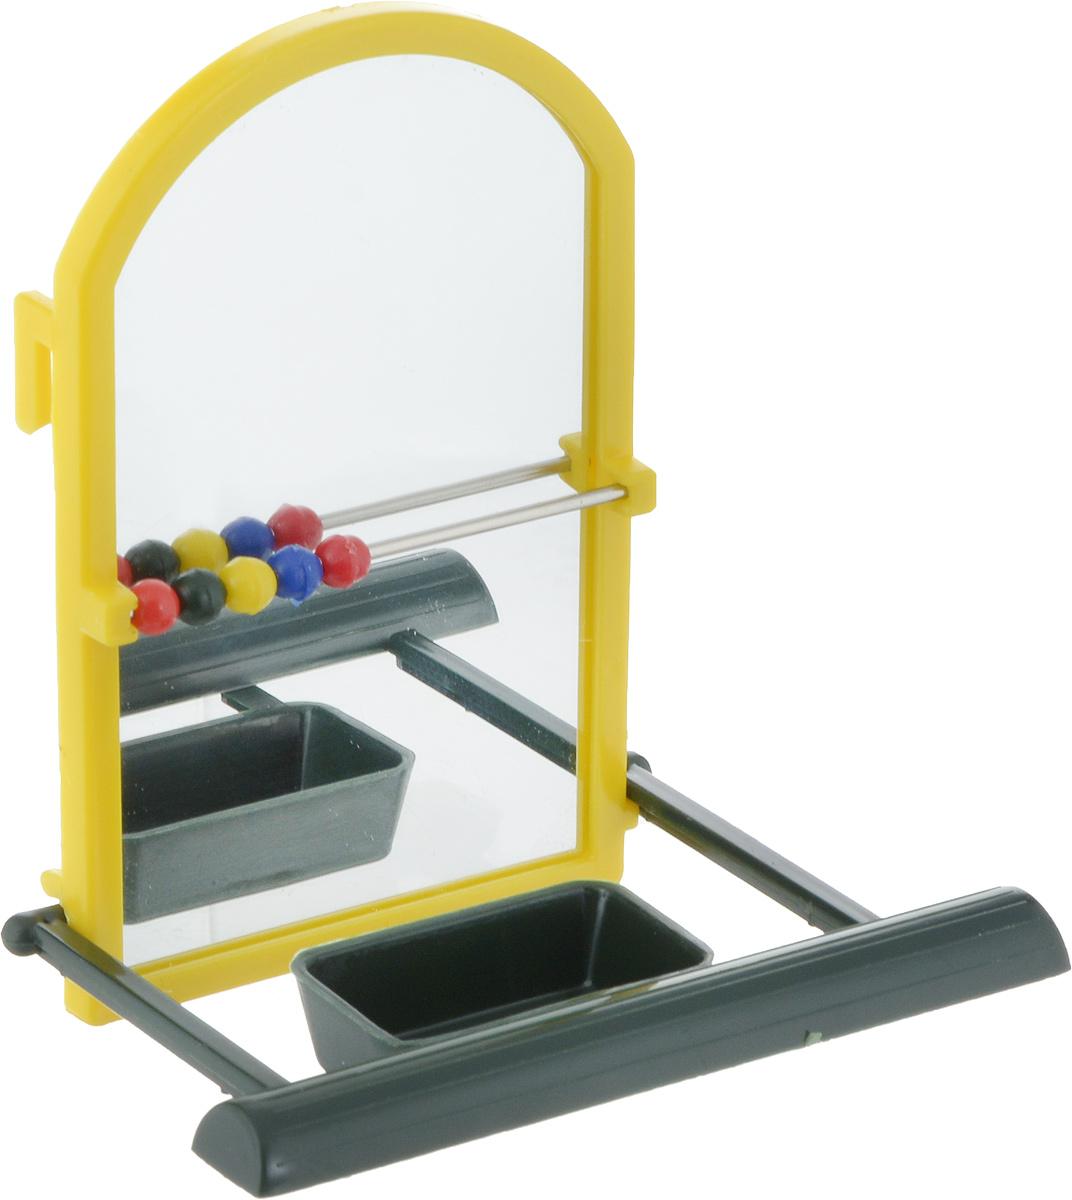 Игрушка для попугая Trixie Зеркало, с жердочкой, цвет: желтый, 9 см цена